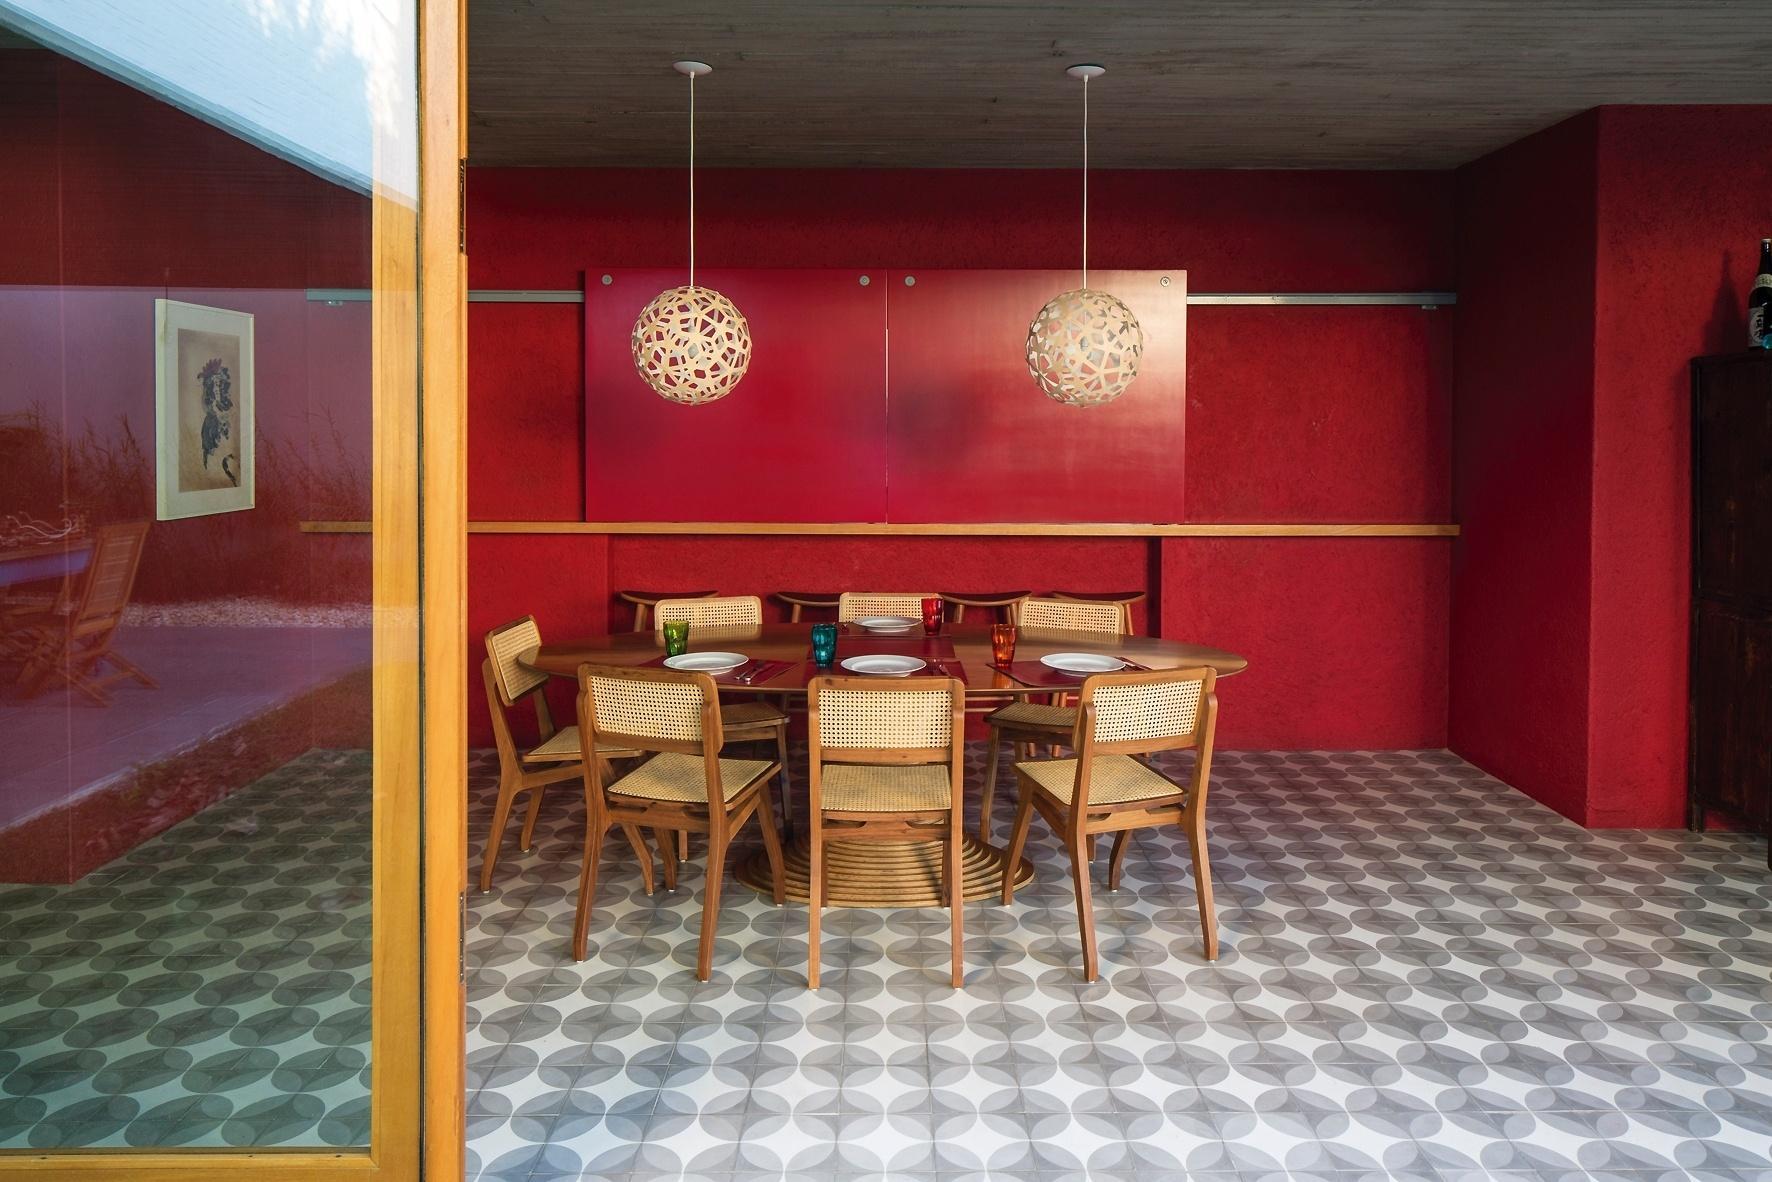 A aconchegante ambientação da sala de jantar é aquecida pelo vermelho das paredes. O cômodo é iluminado naturalmente graças à interligação com o pátio central, através de portas de correr envidraçadas. A mesa com pé centralizado é cercada pelas cadeiras de palhinha. O projeto arquitetônico da casa Lapa leva a assinatura do escritório Brasil Arquitetura